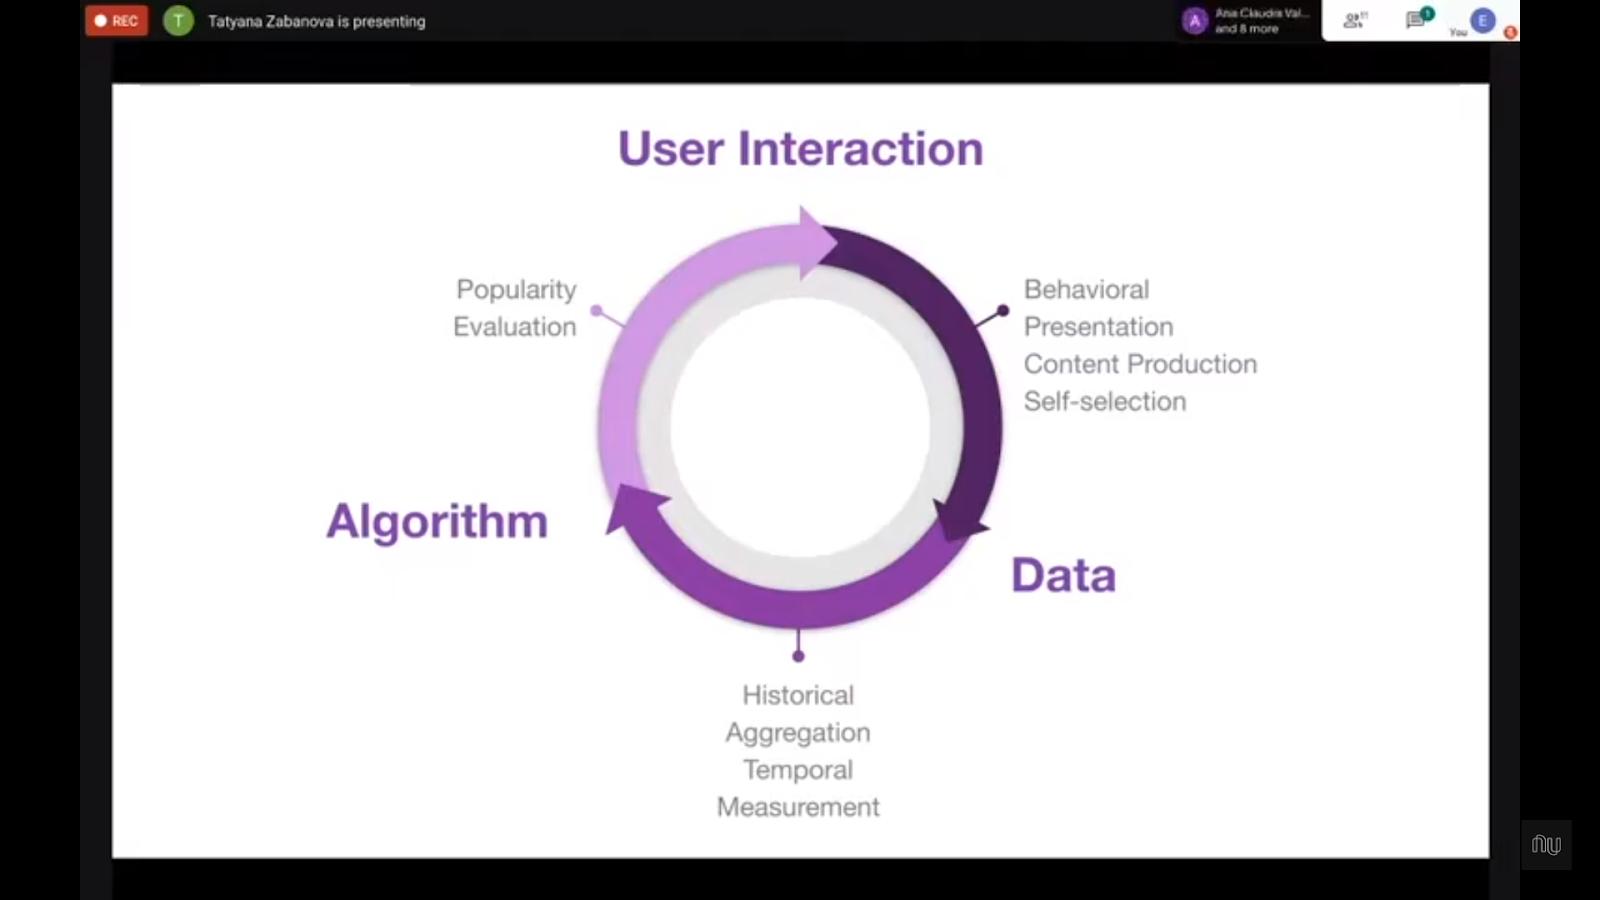 Ciclo vicioso do viés: começa com a interação da pessoa usuária (apresentação, comportamento, produção de conteúdo, autoseleção), passa pelos dados (histórico, agregação, temporal, e mensuração), e pelos algoritmos (popularidade, avaliação), e isso impacta na interação de pessoas usuárias. Fonte: Fairness em Machine Learning Nubank ML Meetup